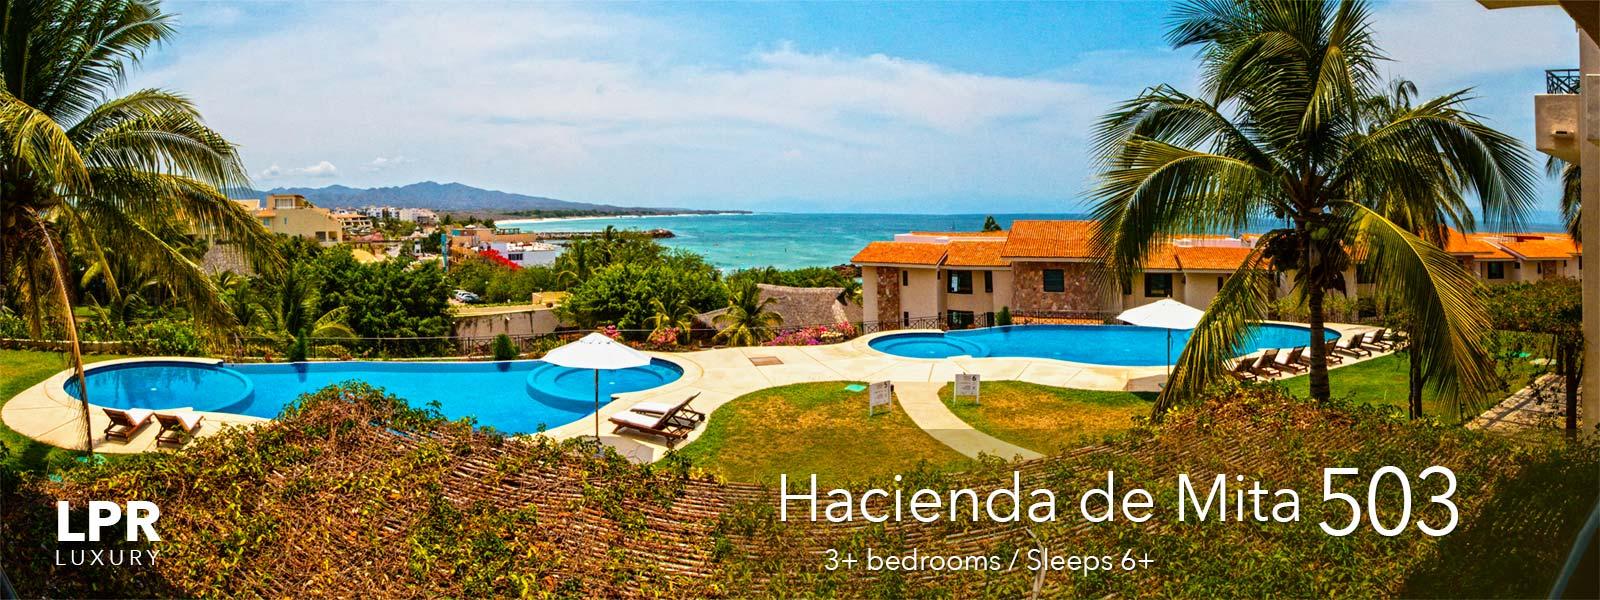 Hacienda de Mita 503 - Luxury Punta Mita Resort Condos, Mexico